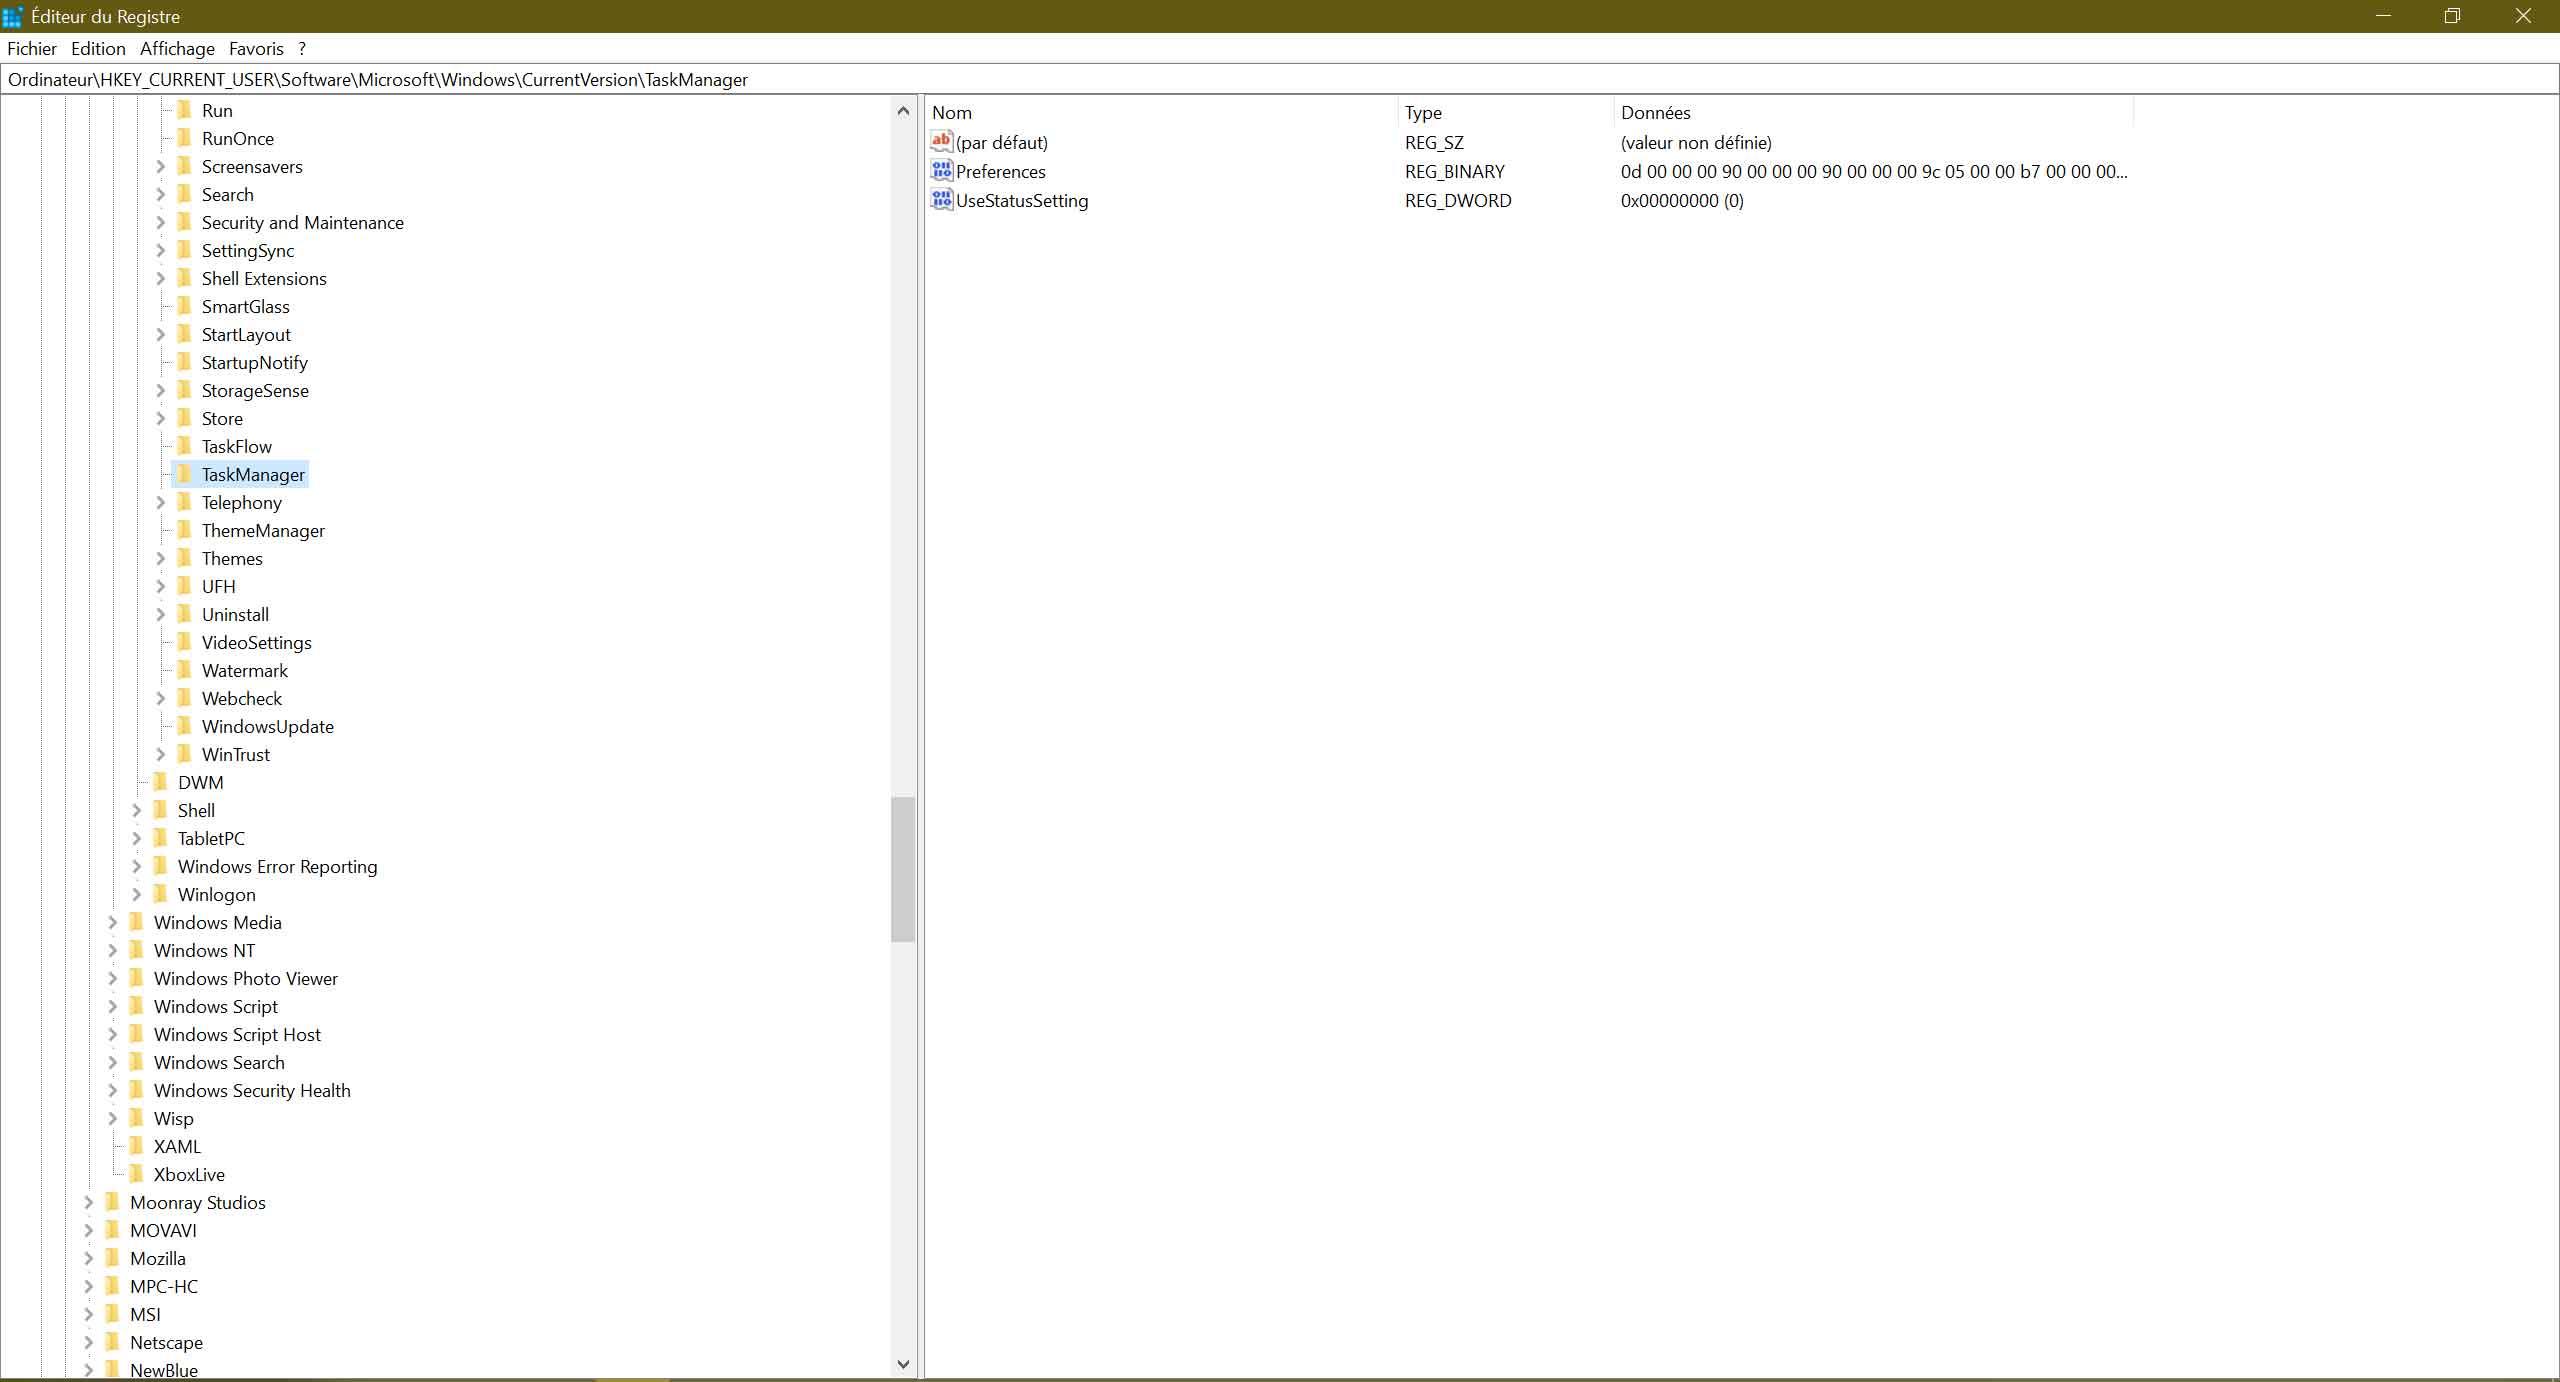 Gestionnaire des tâches de Windows 10